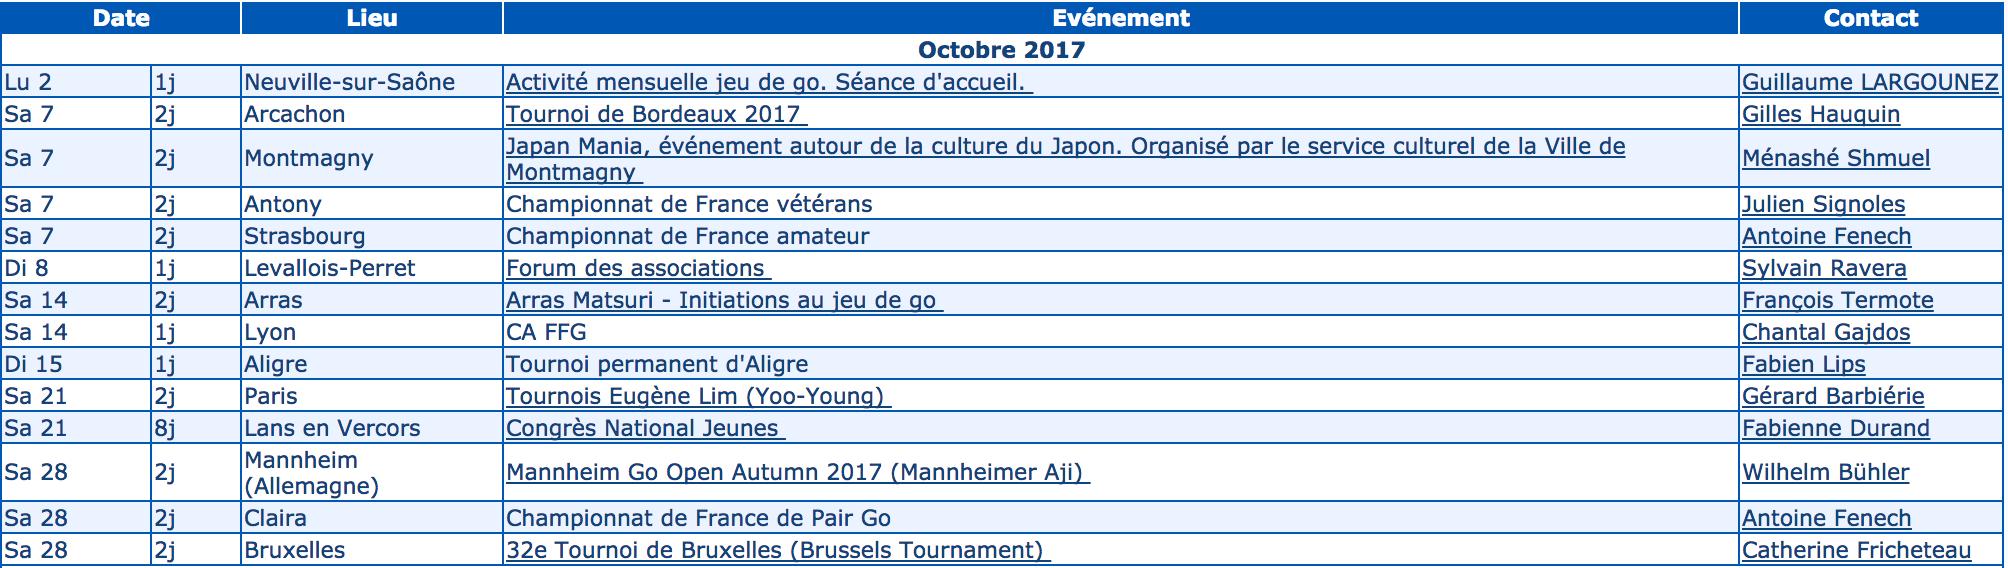 FFG-agenda-octobre-2017